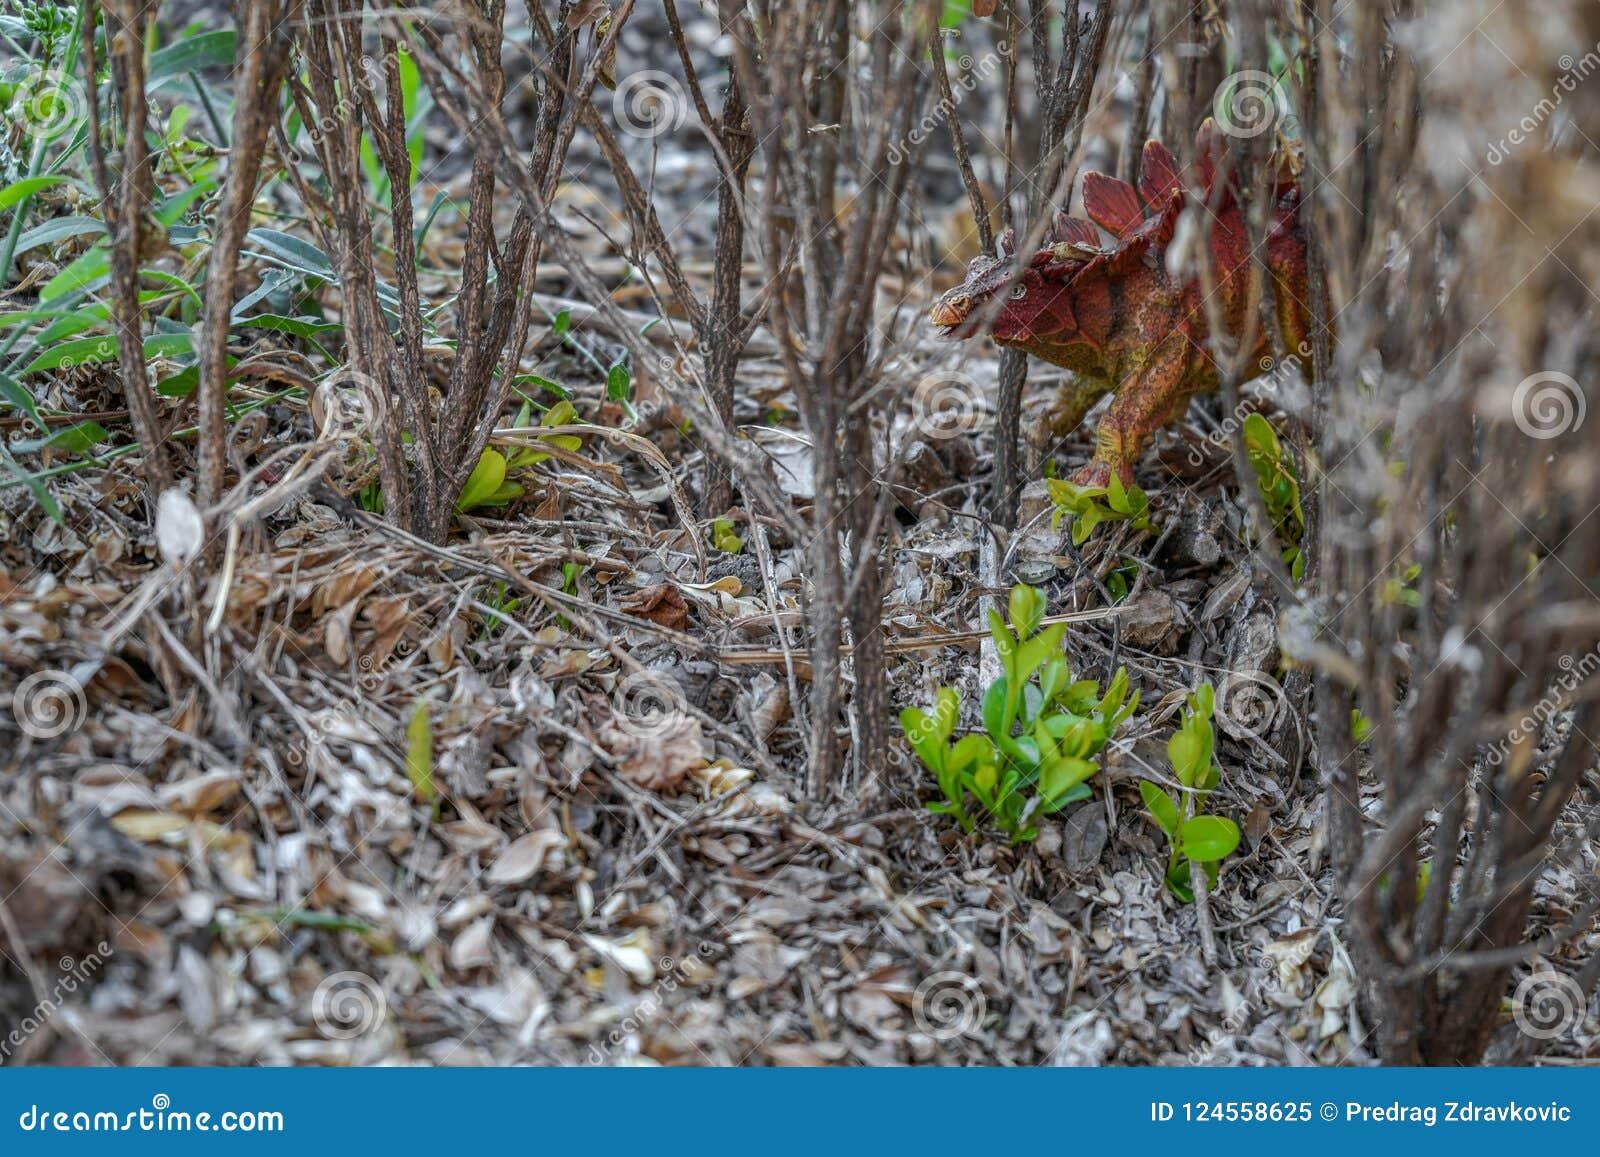 Spielzeugdinosaurier im Wald